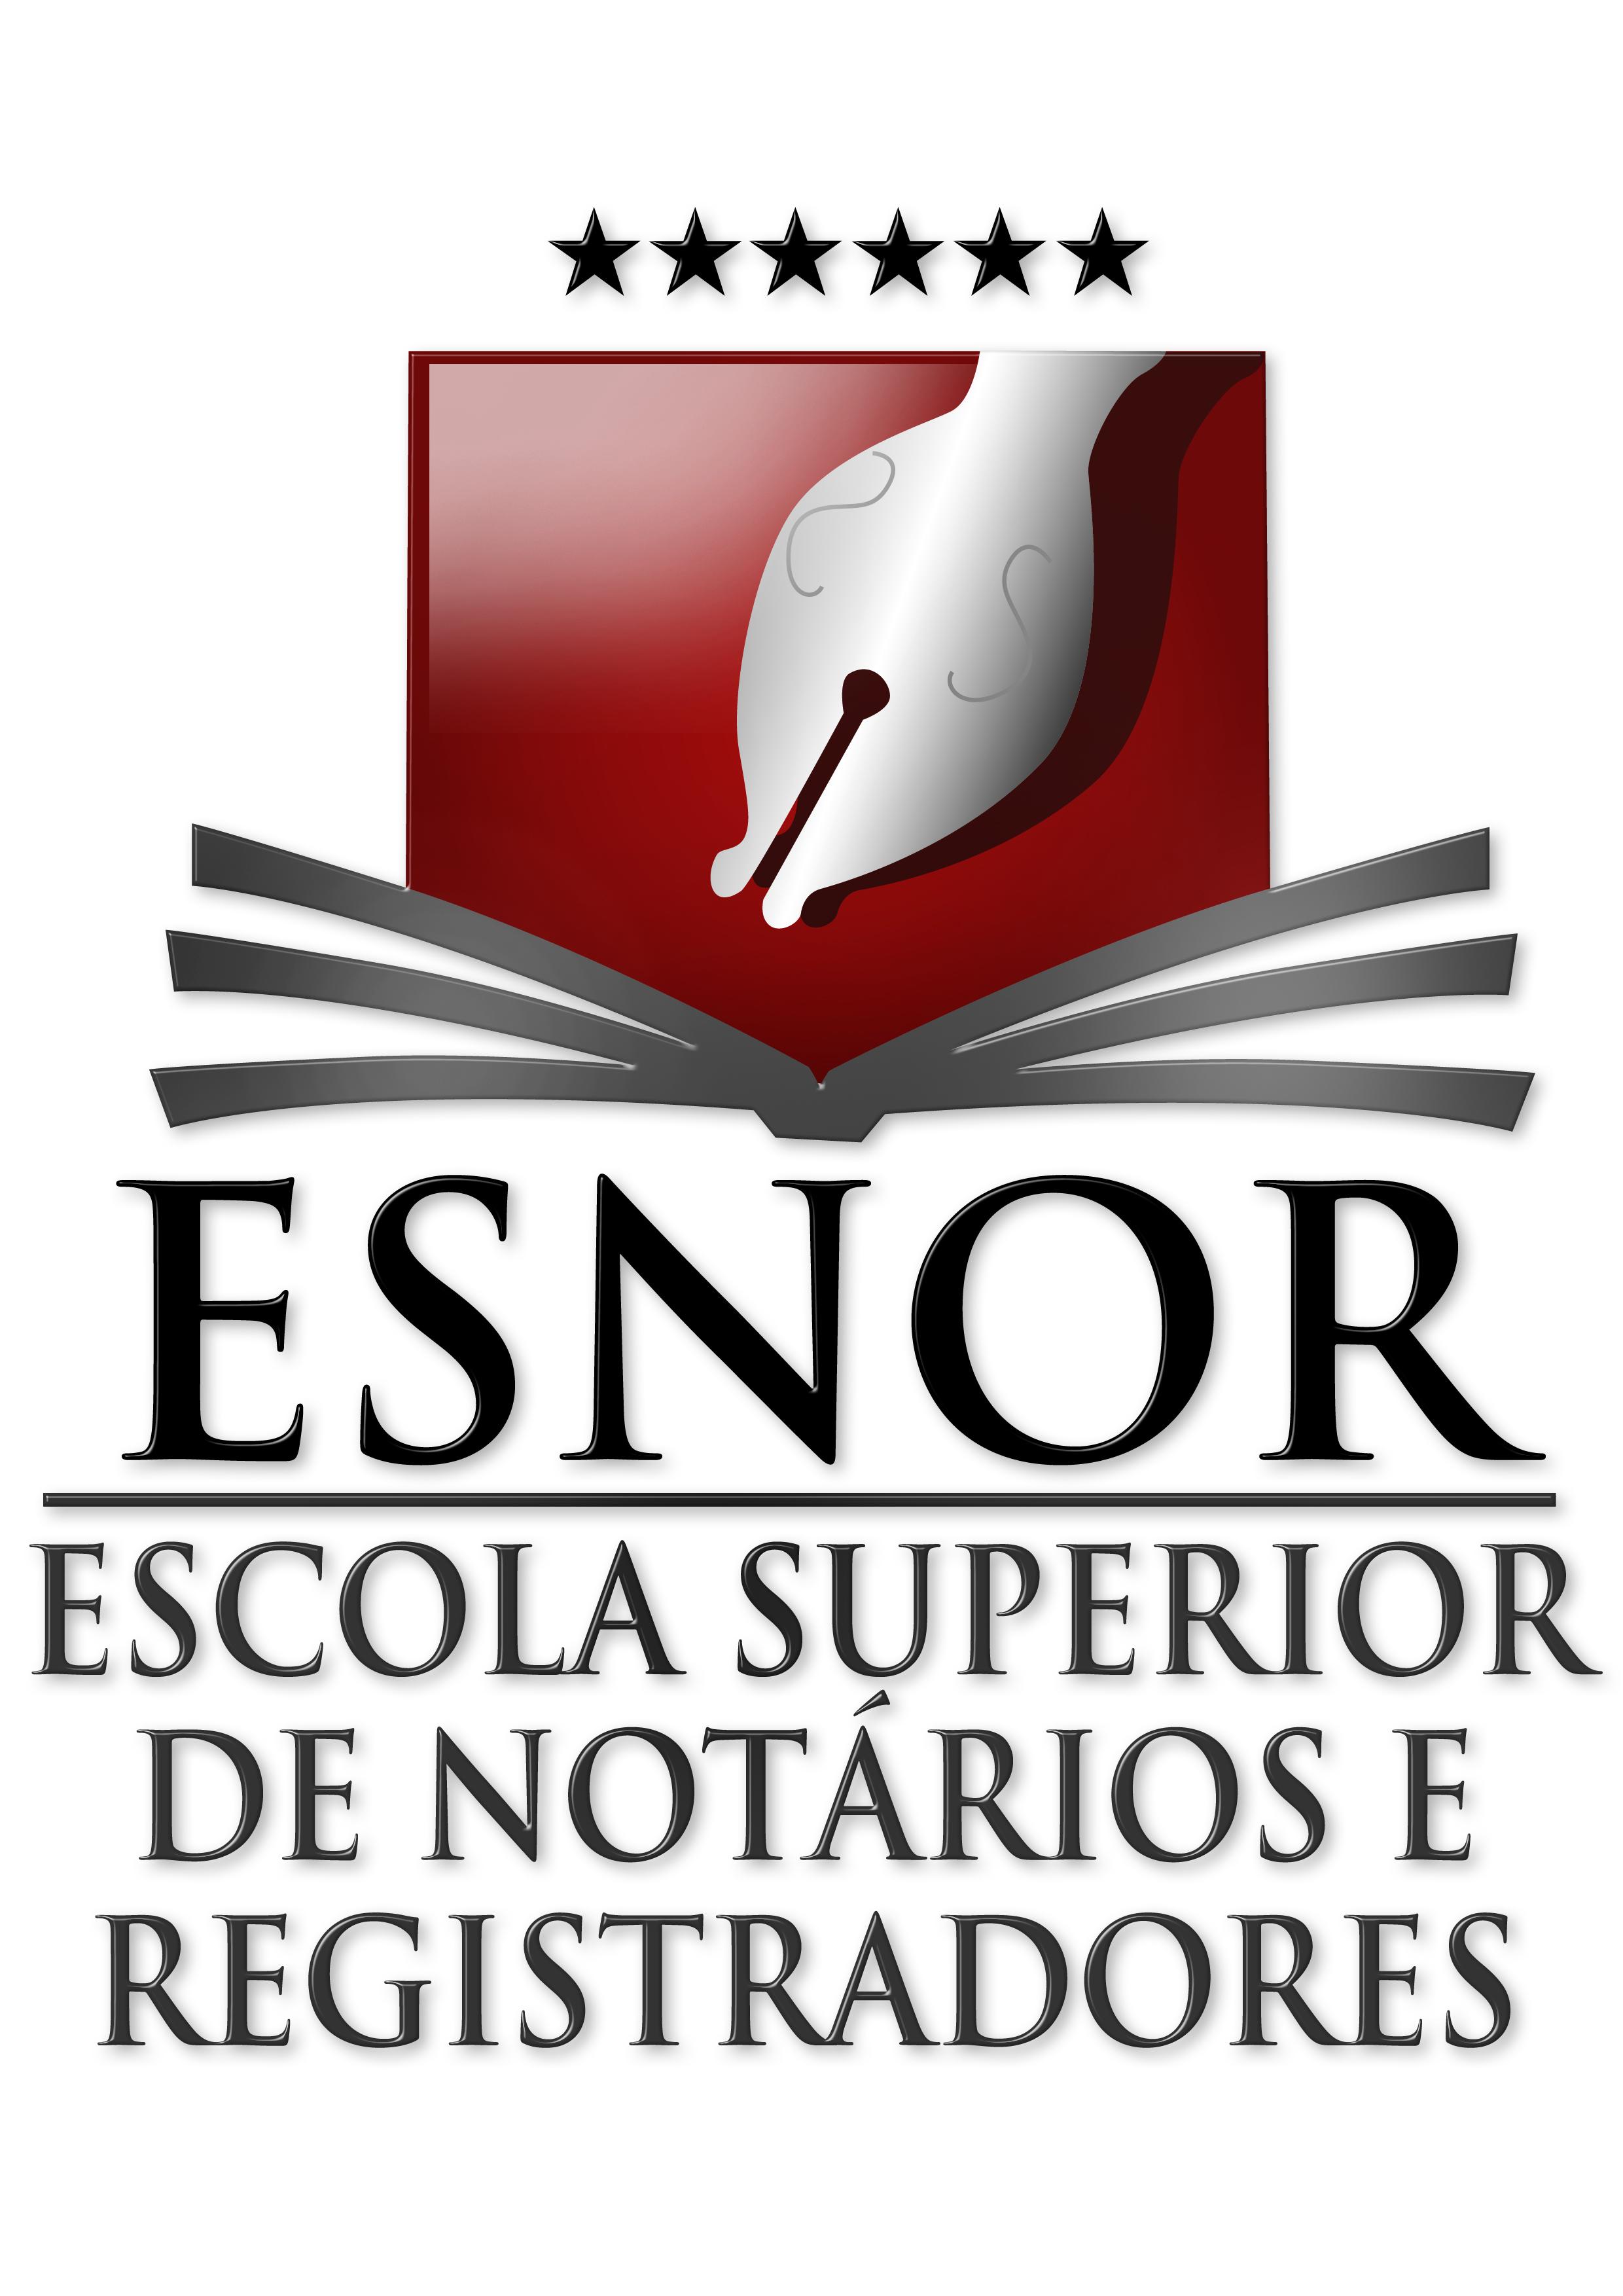 ESCOLA SUPERIOR DE NOTÁRIOS E REGISTRADORES